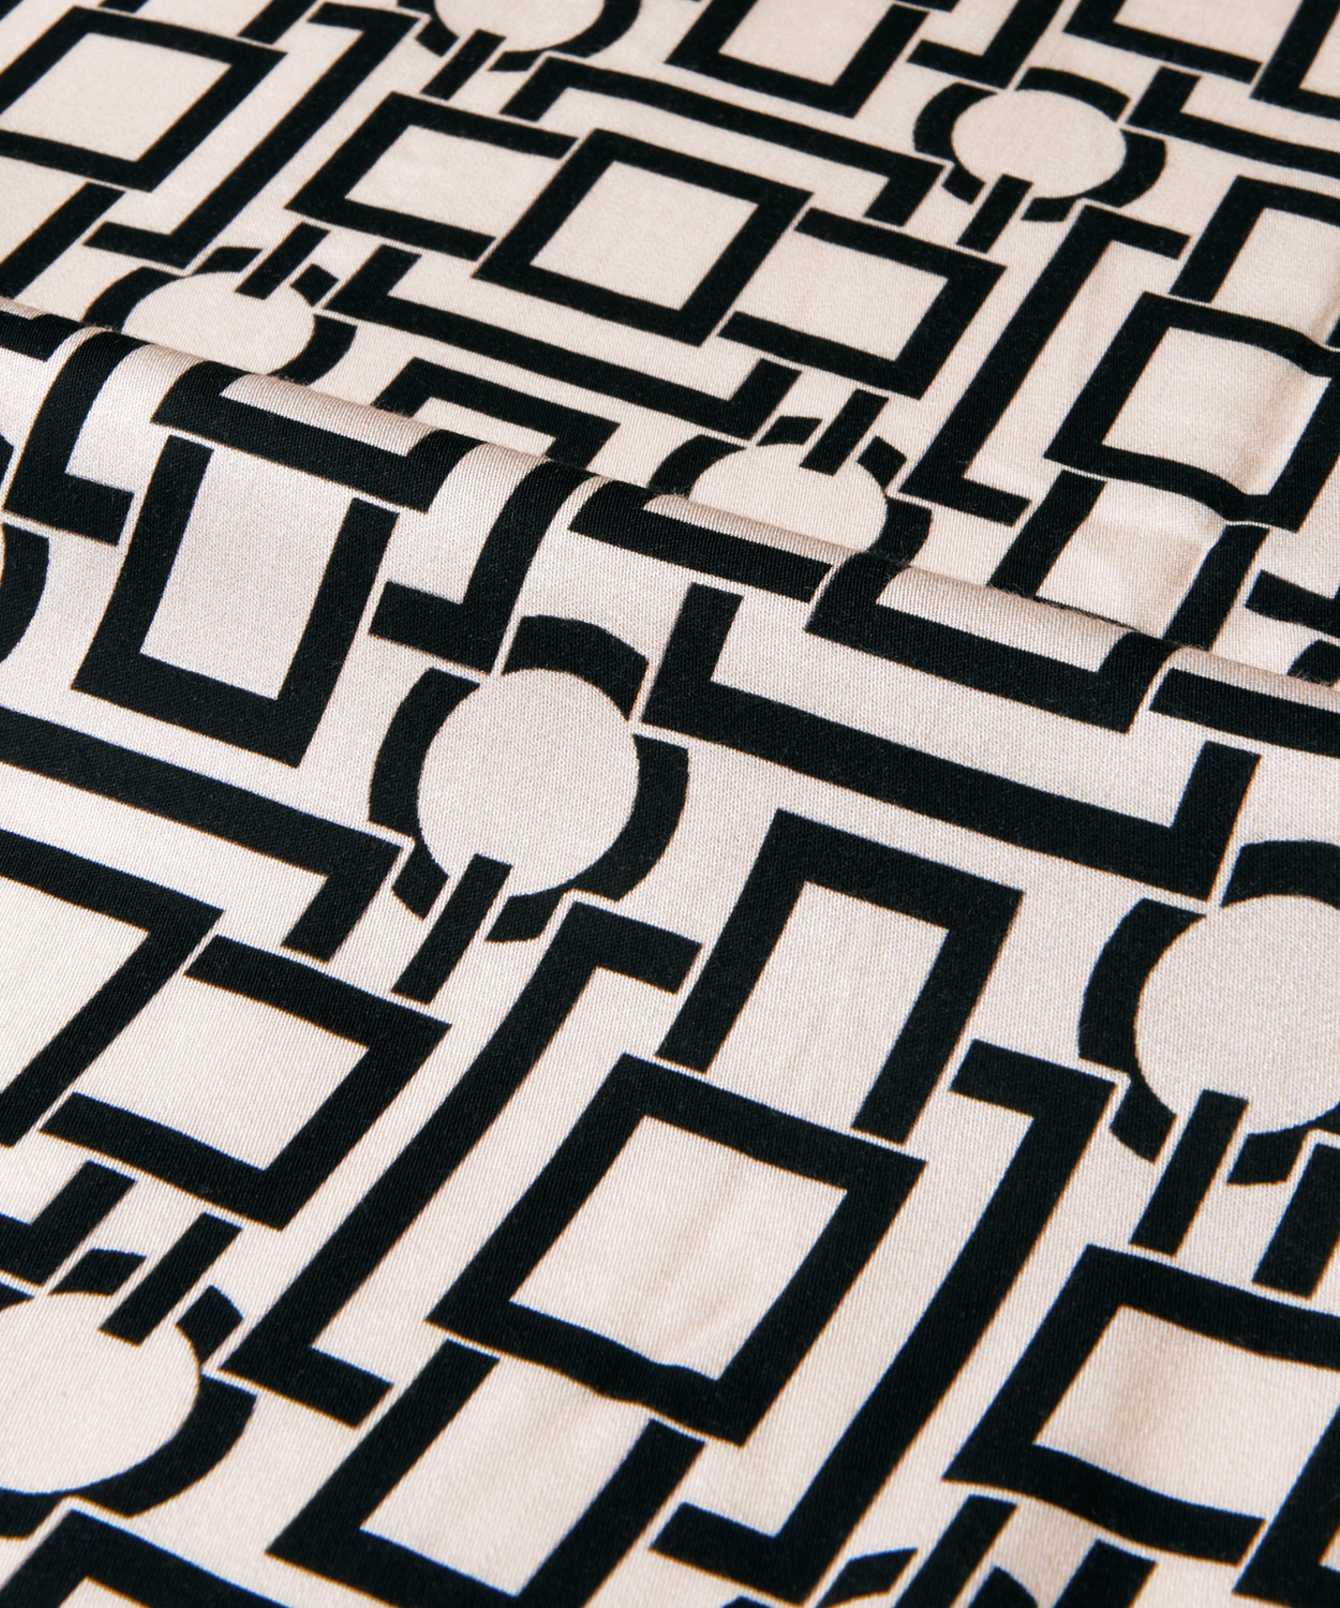 Shirt Tuva Graphic The Shirt Factory